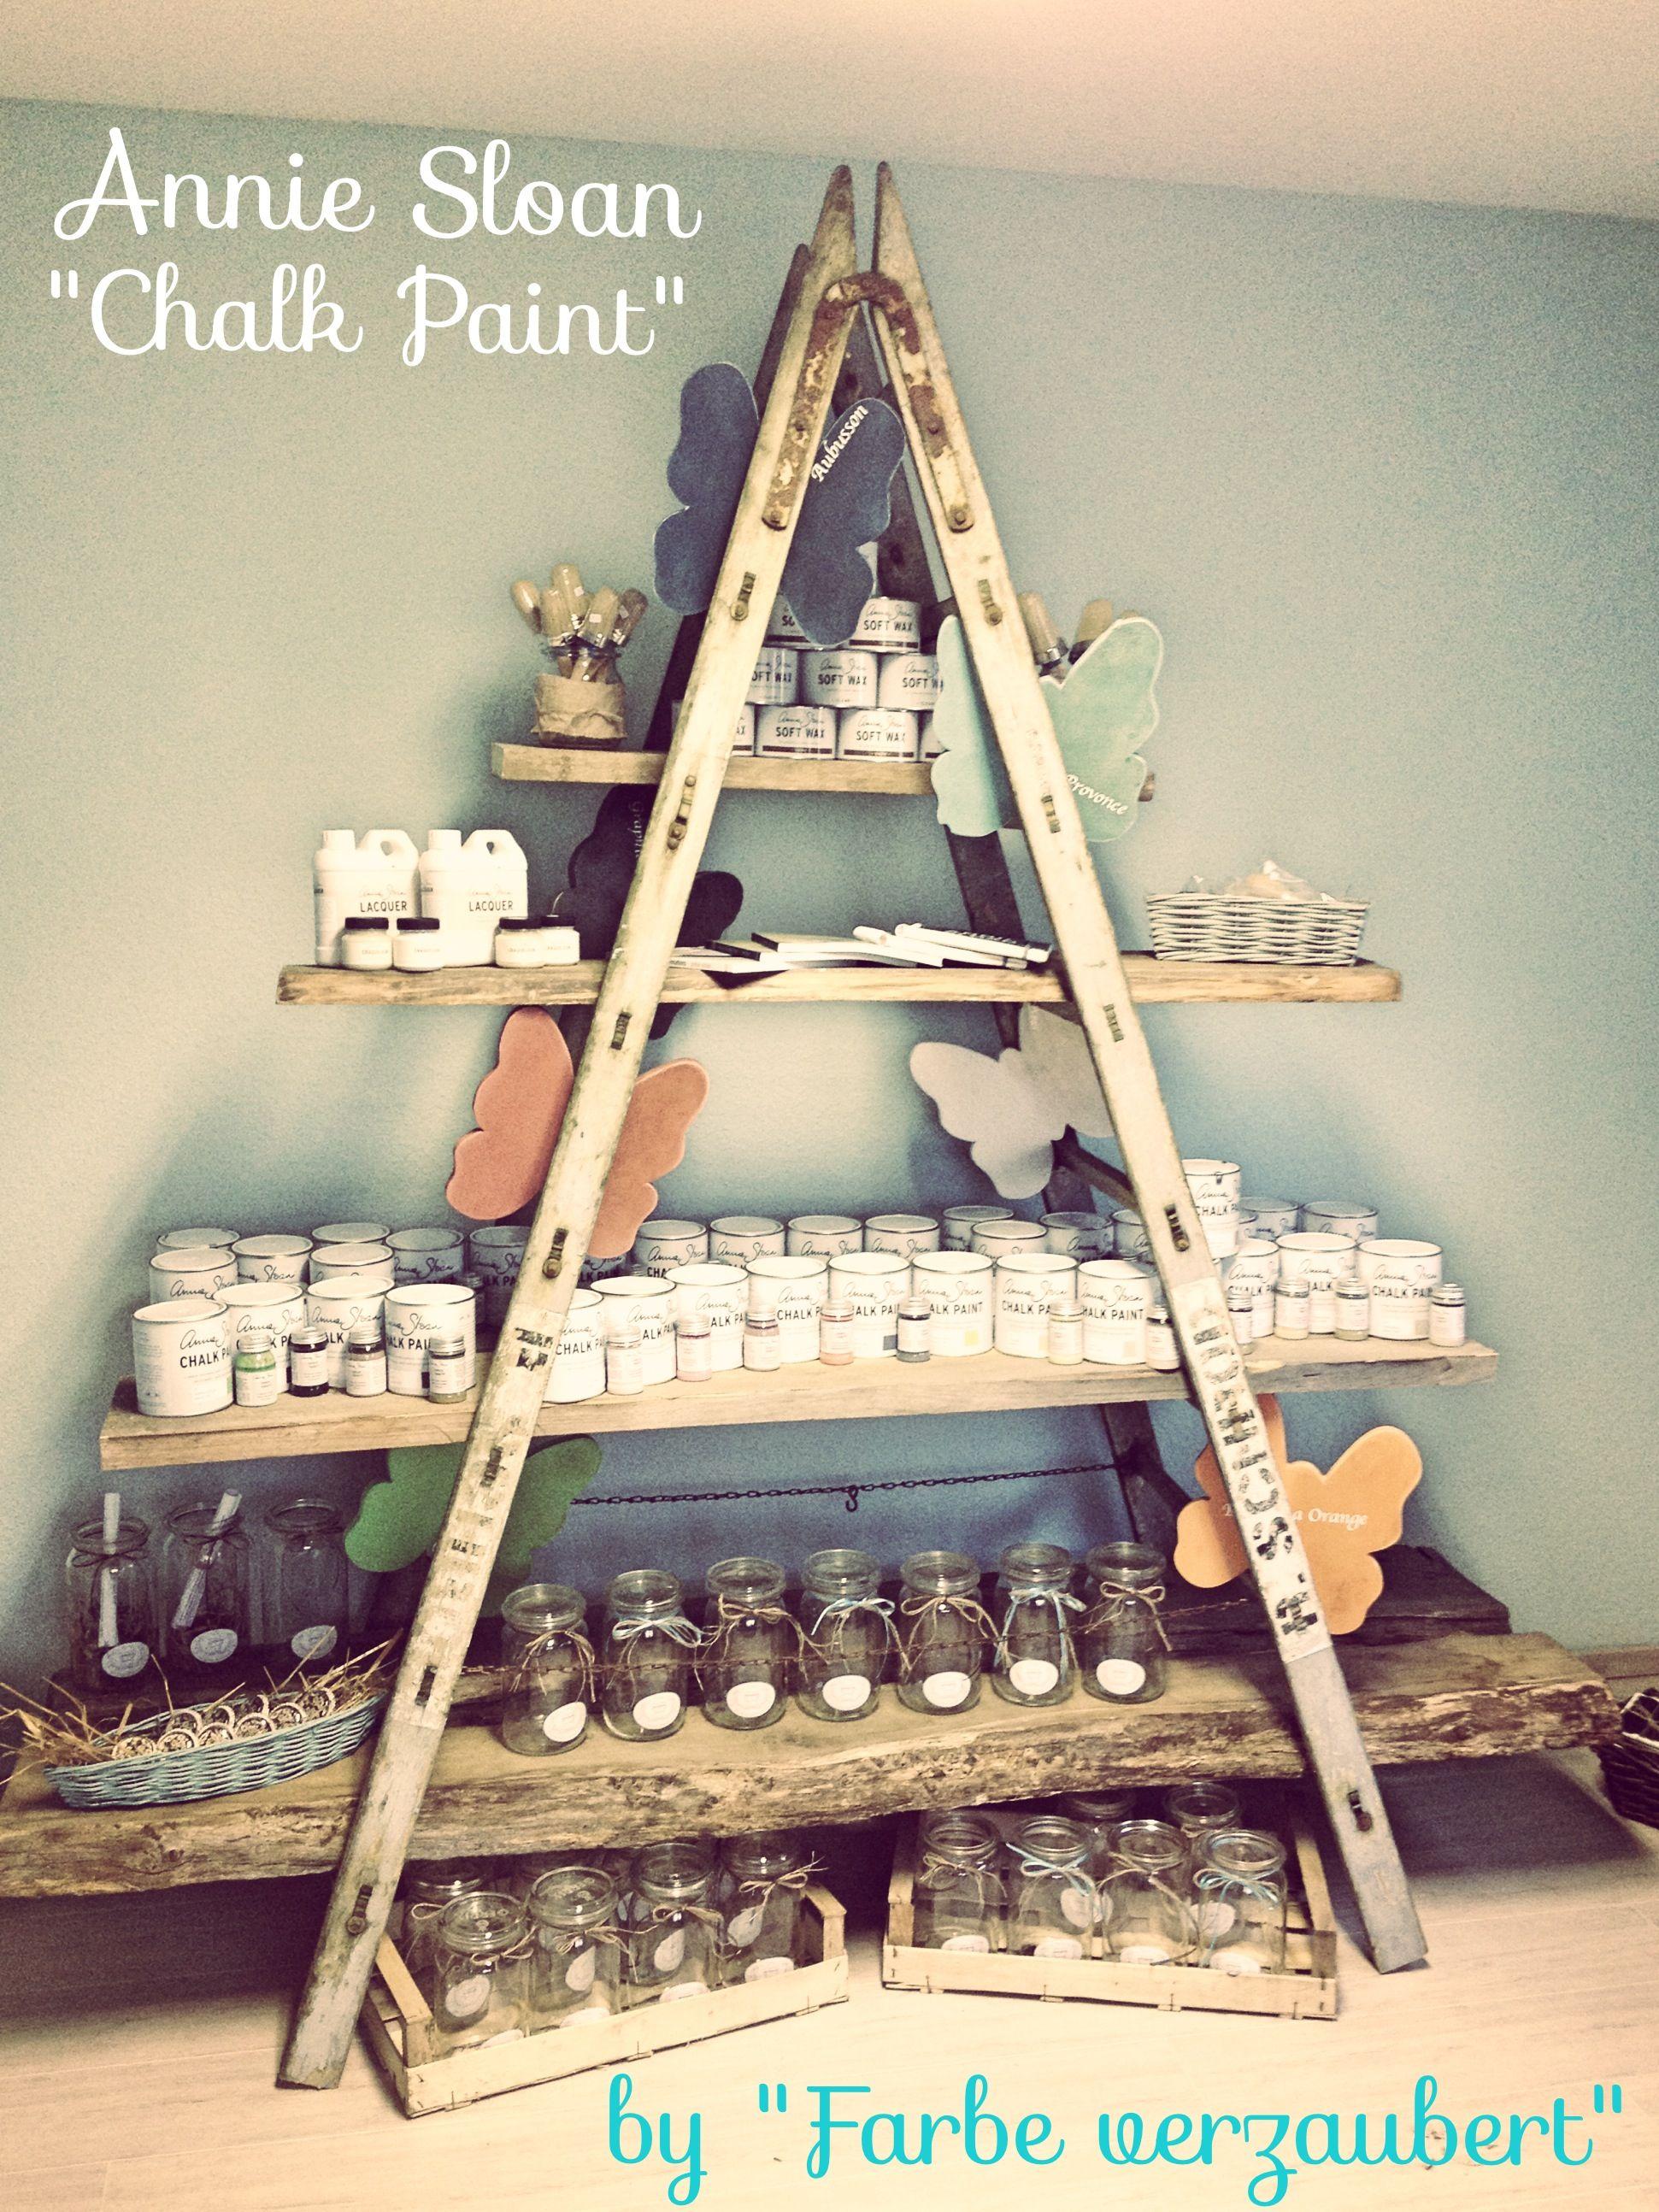 shop displays wooden a frame ladder boards as shelves